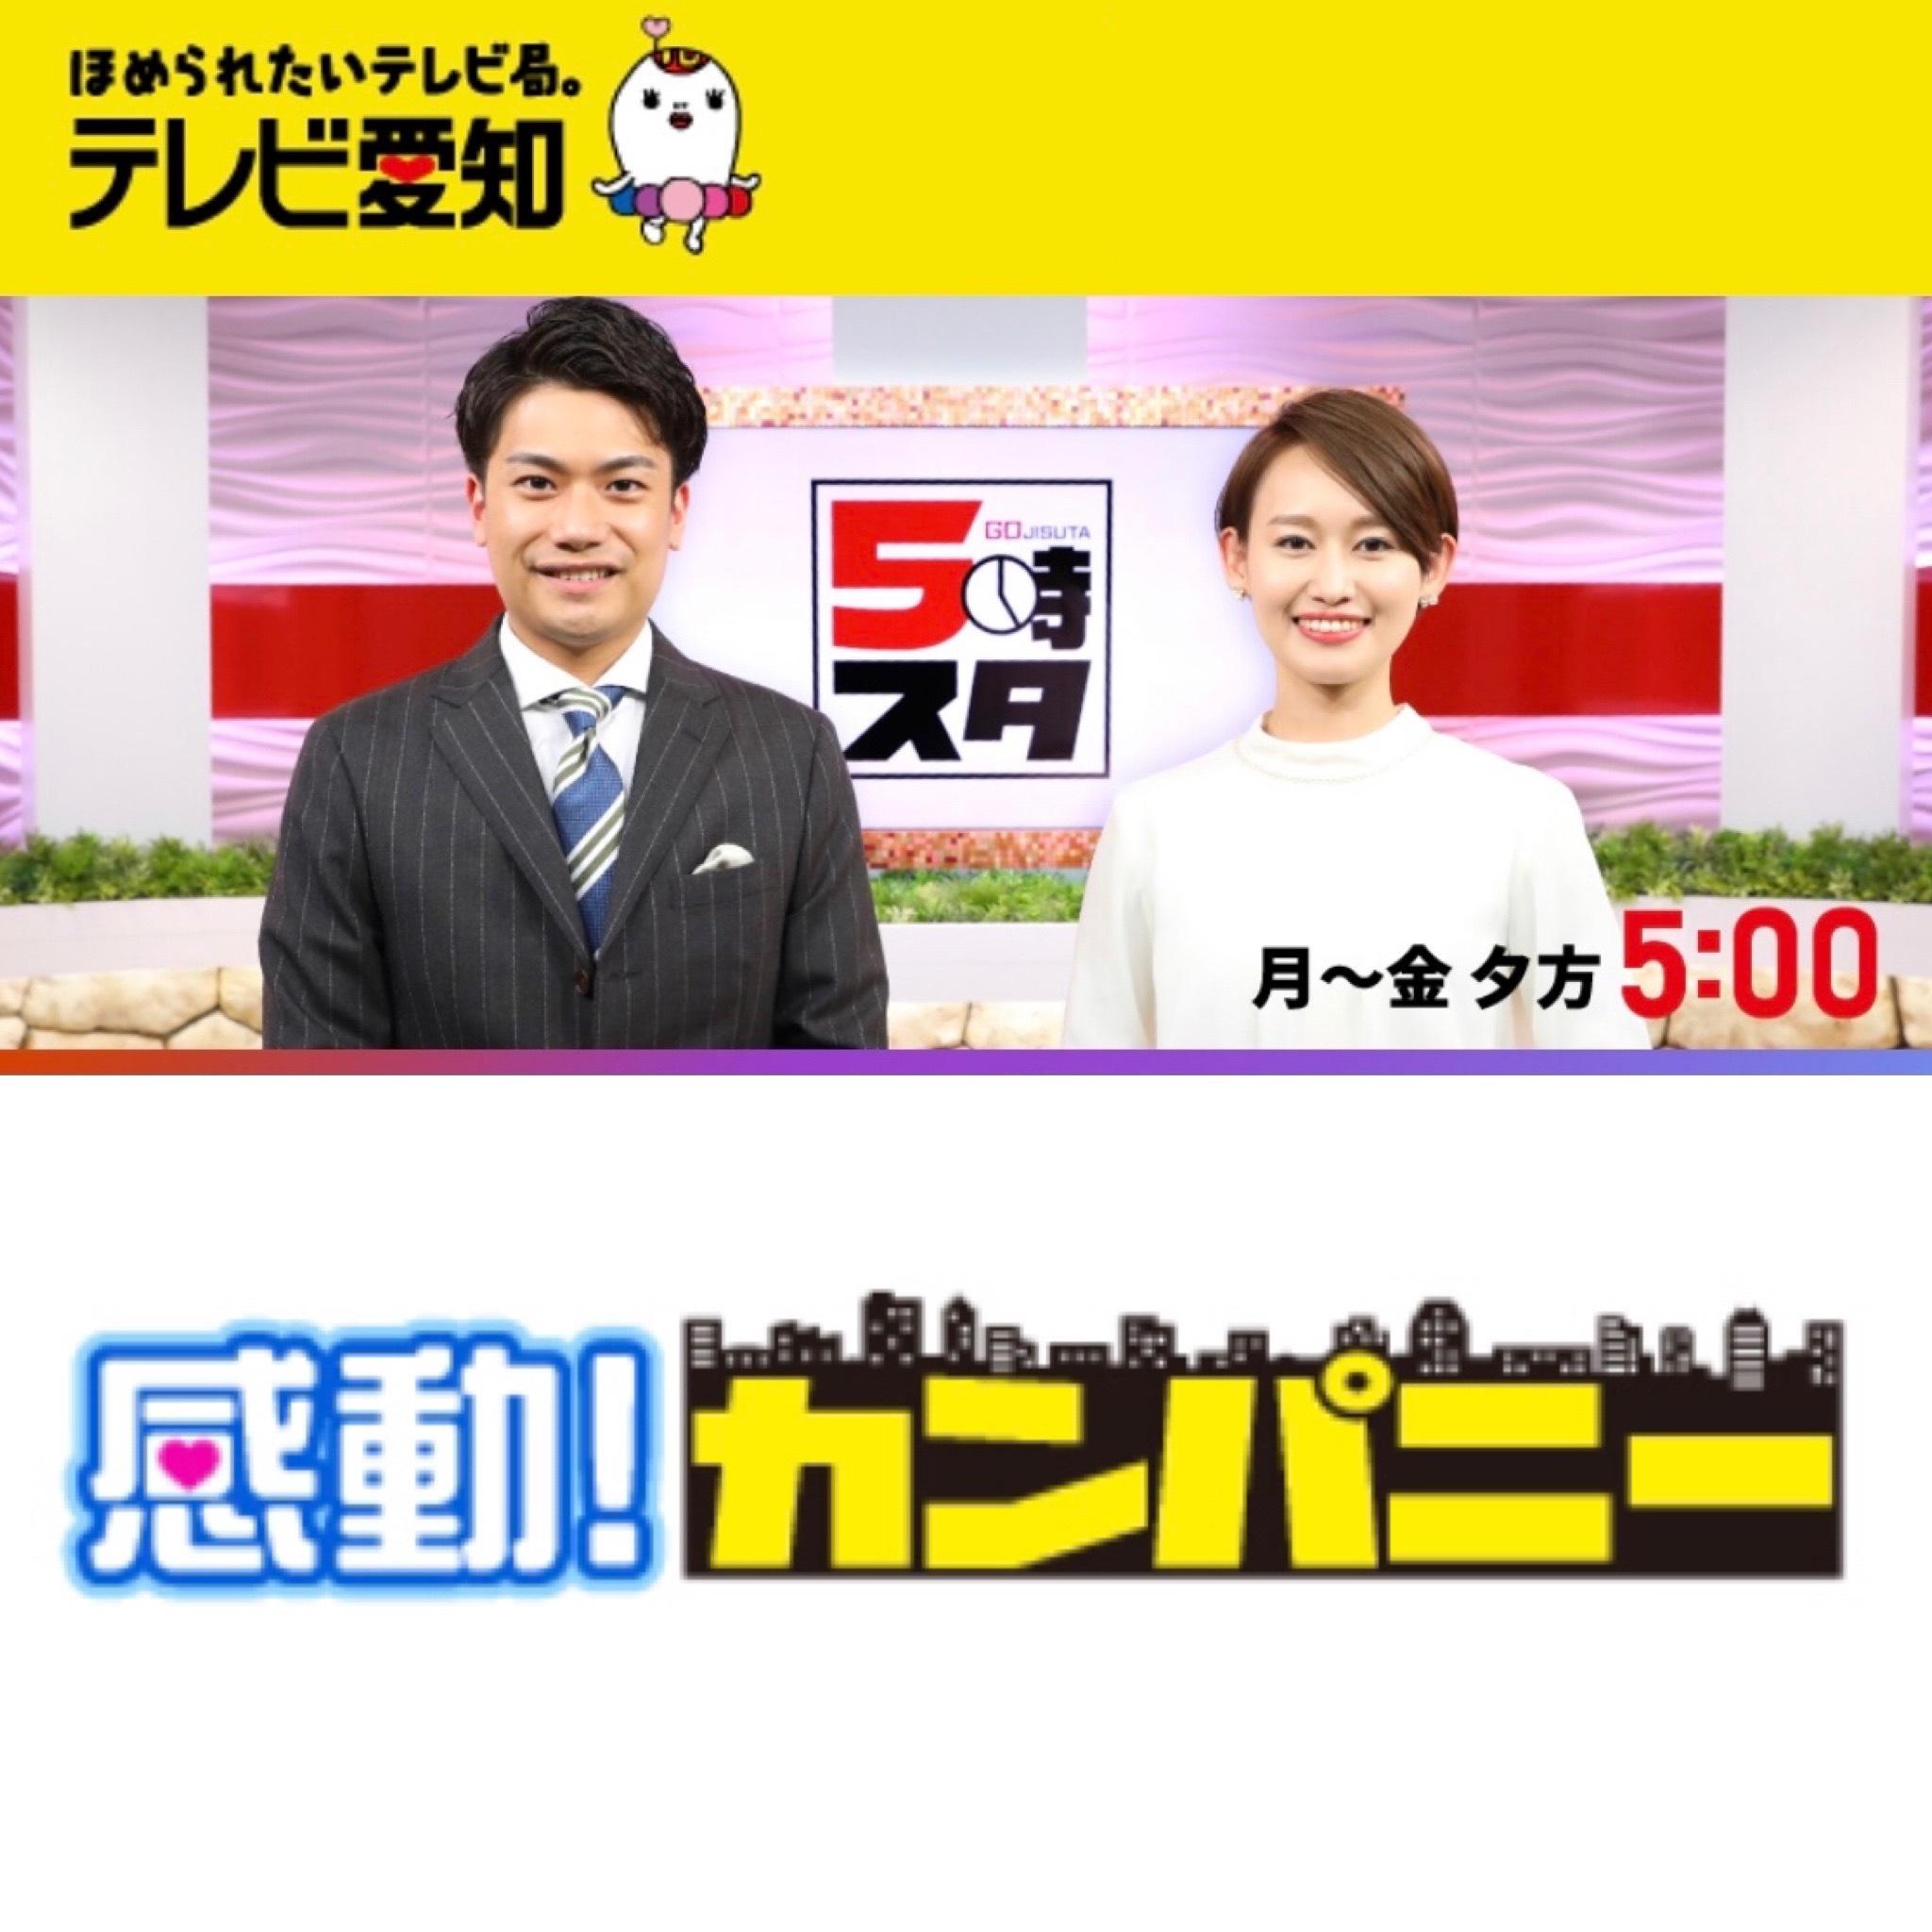 テレビ愛知「5時スタ」でエムエムヨシハシが紹介されます!!_f0220354_17064136.jpeg